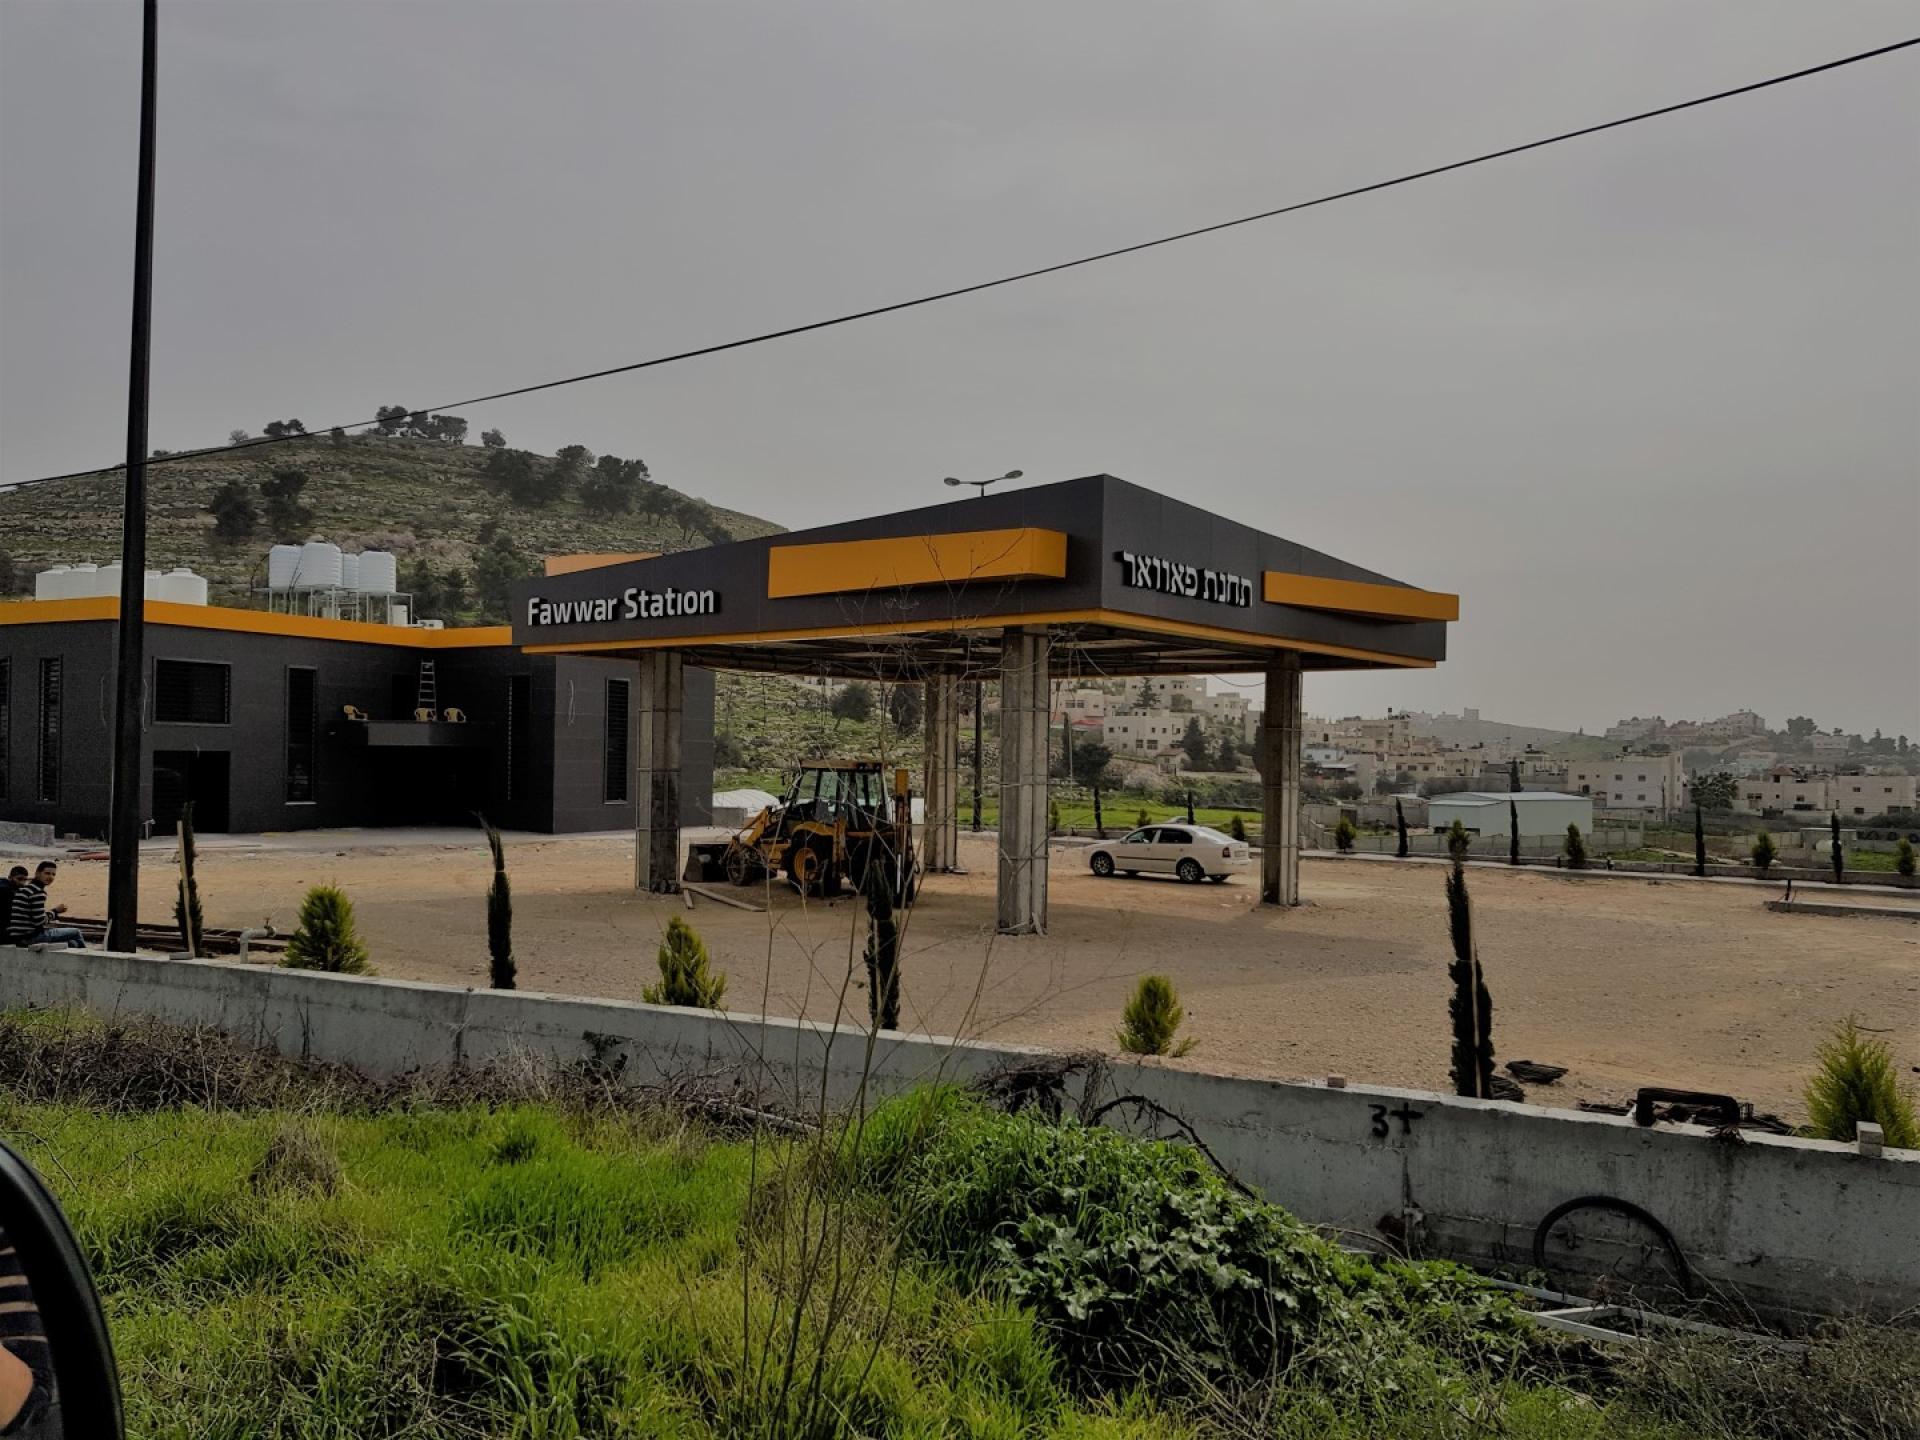 תחנת דלק חדשה הנבנת בצומת דורא-אל פאוואר